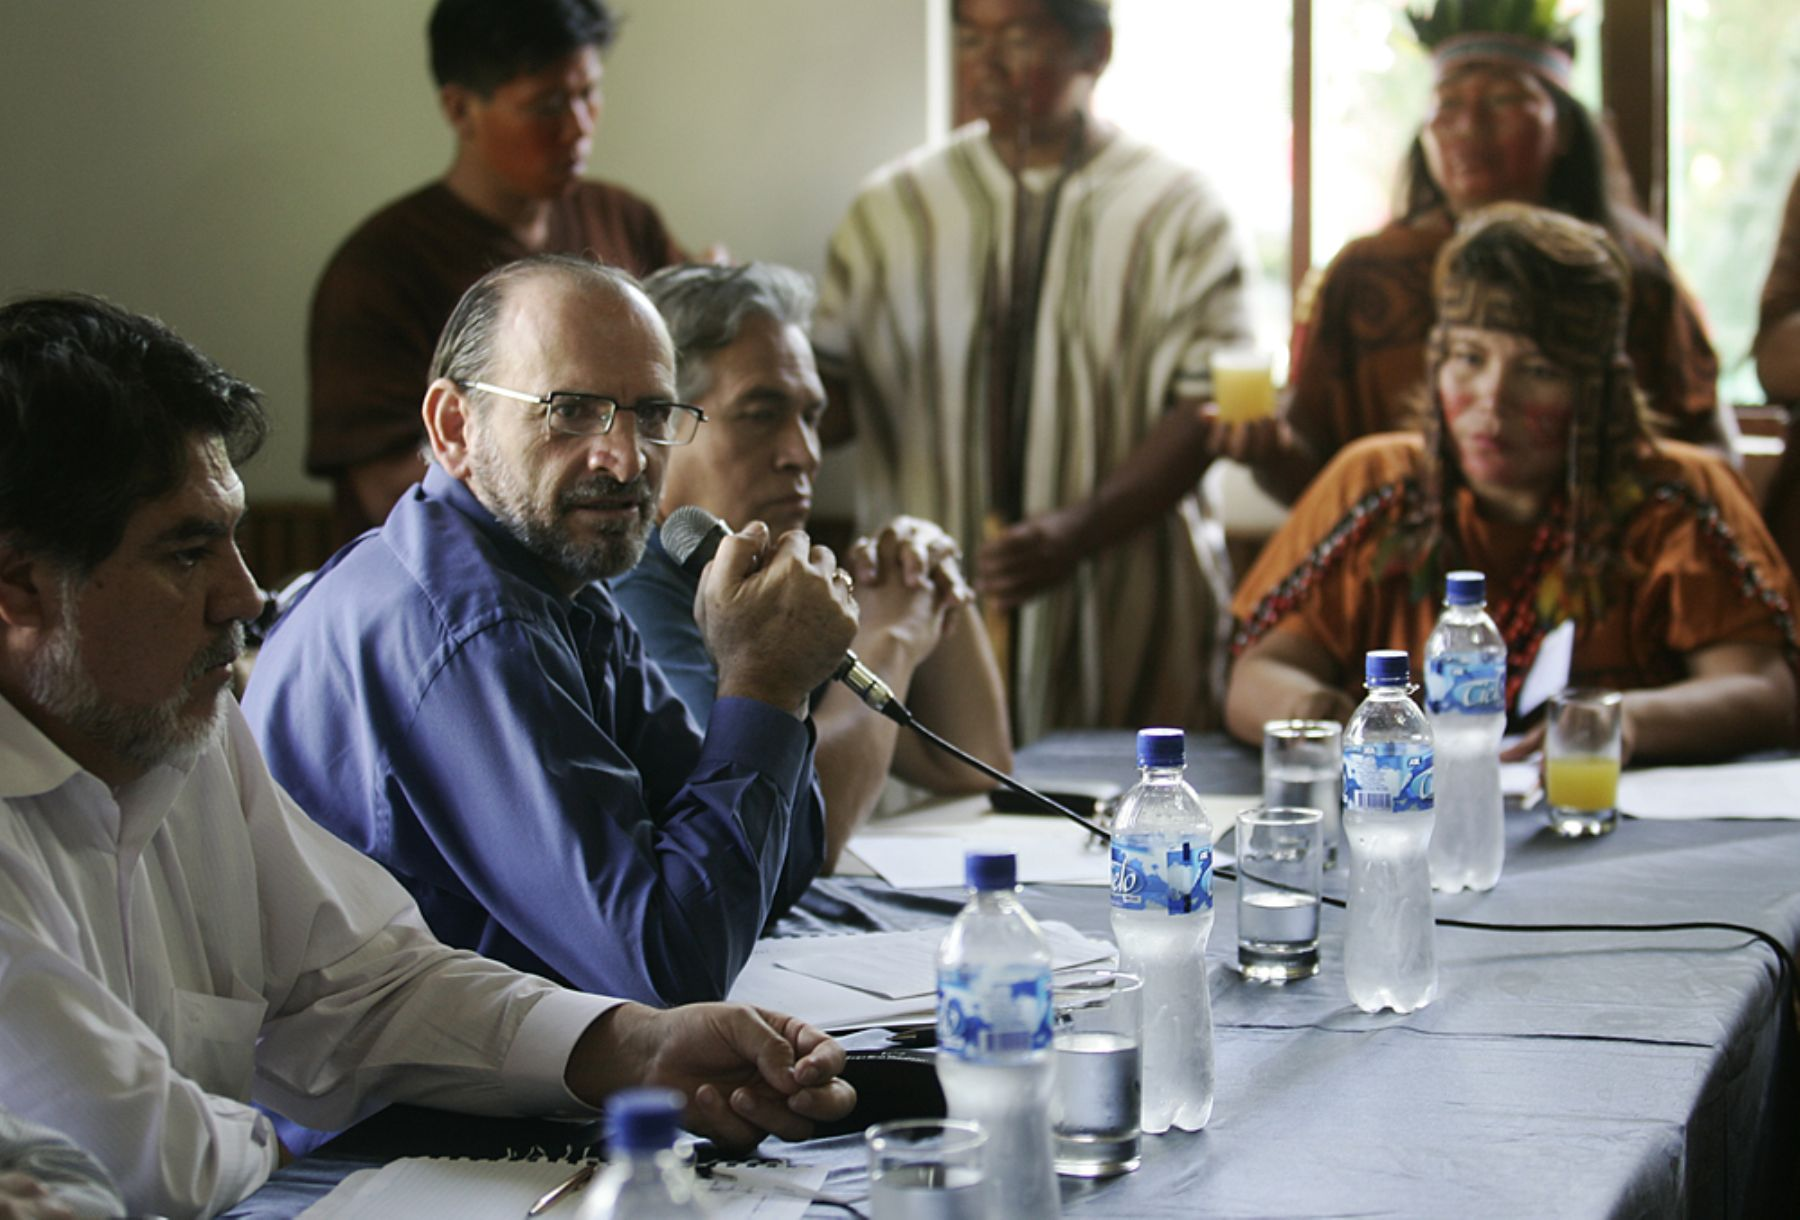 Primer Ministro, Yehude Simon y parte de su gabinete se reúne con líderes nativos de la selva central en San Ramon, Junín. Foto: ANDINA / Rafael Cornejo